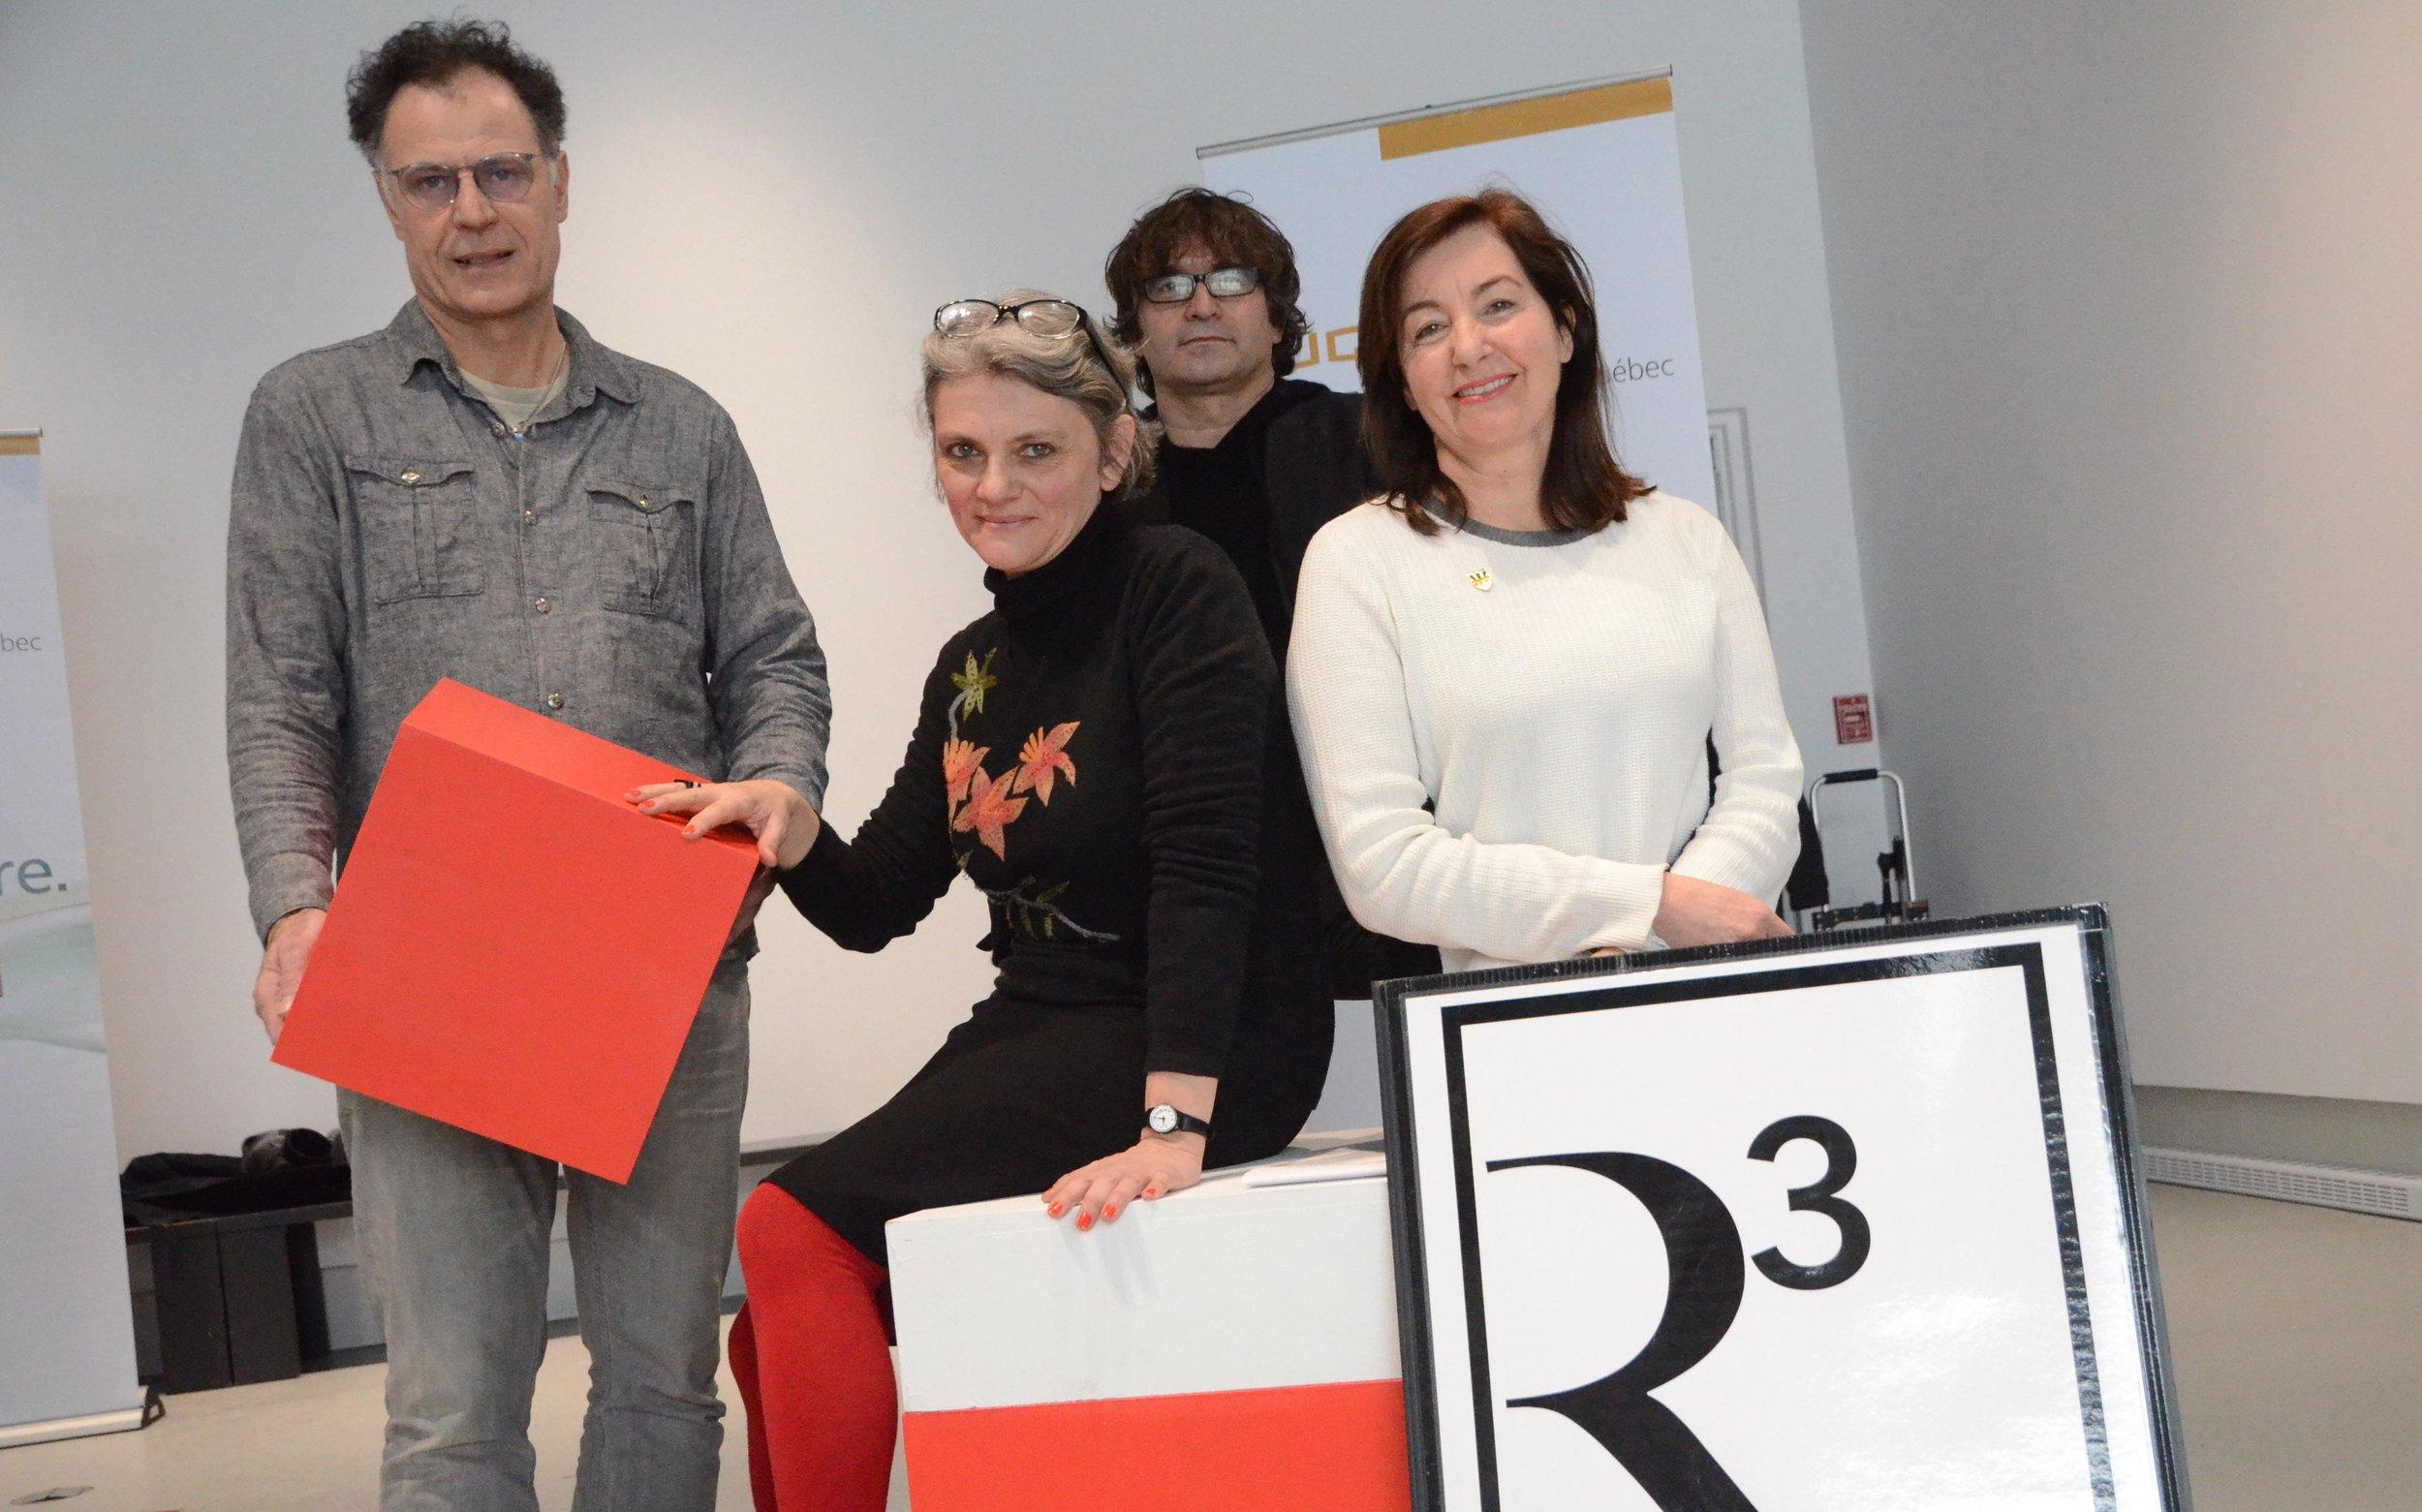 Philippe Boissonnet, directeur du groupe de recherche URAV, Agnès Aubague, artiste, Besnik Haxhillari, professeur au Département de la philosophie et des arts de l'UQTR, et Lorraine Beaulieu, coordonnatrice à la Galerie R3. ©Stéphanie Paradis